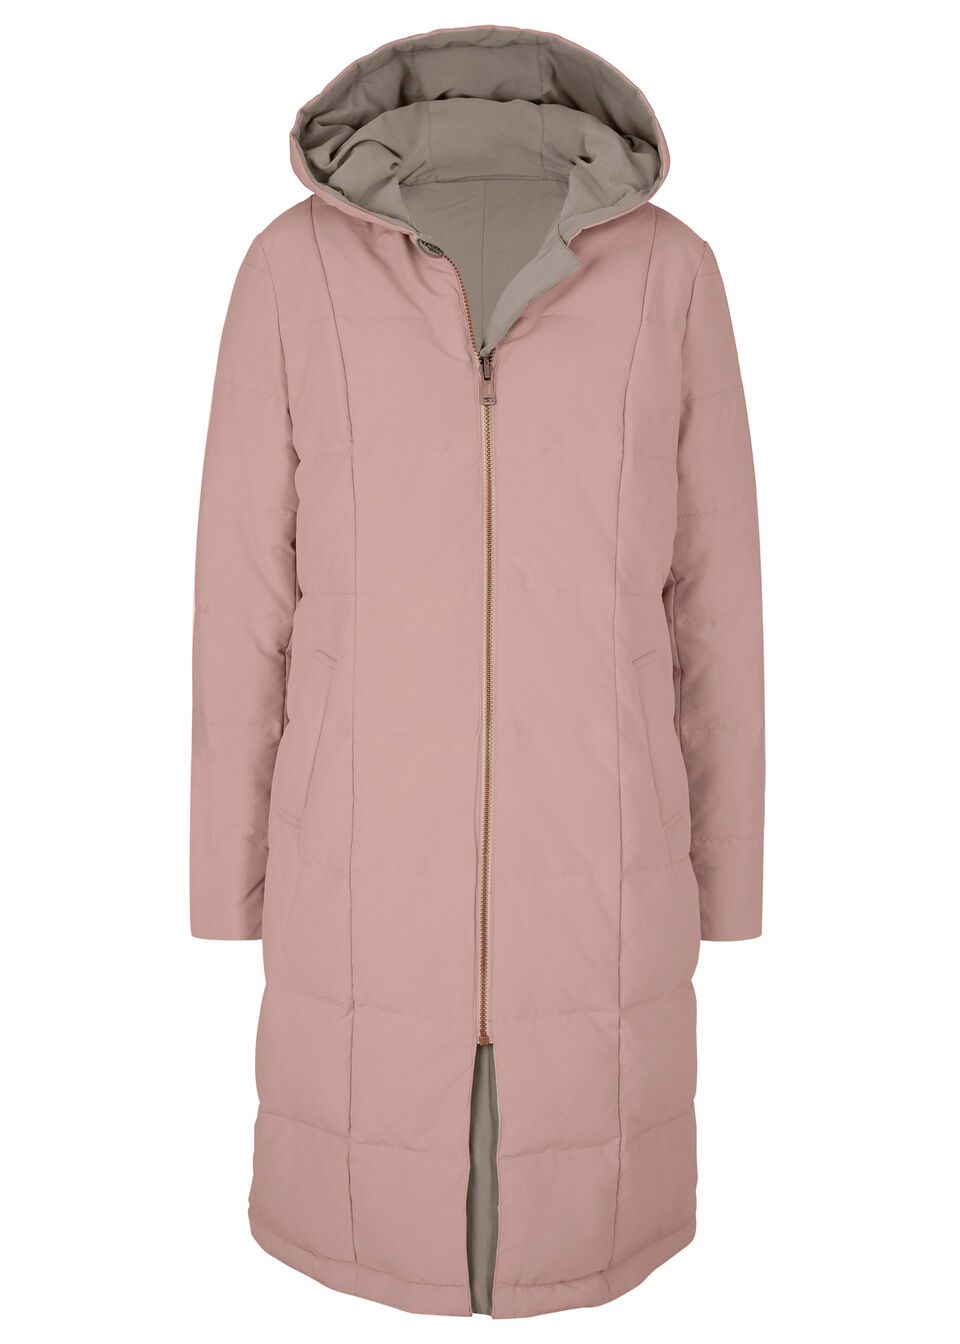 Długa kurtka pikowana dwustronna stary jasnoróżowy – brunatny Bonprix 947484